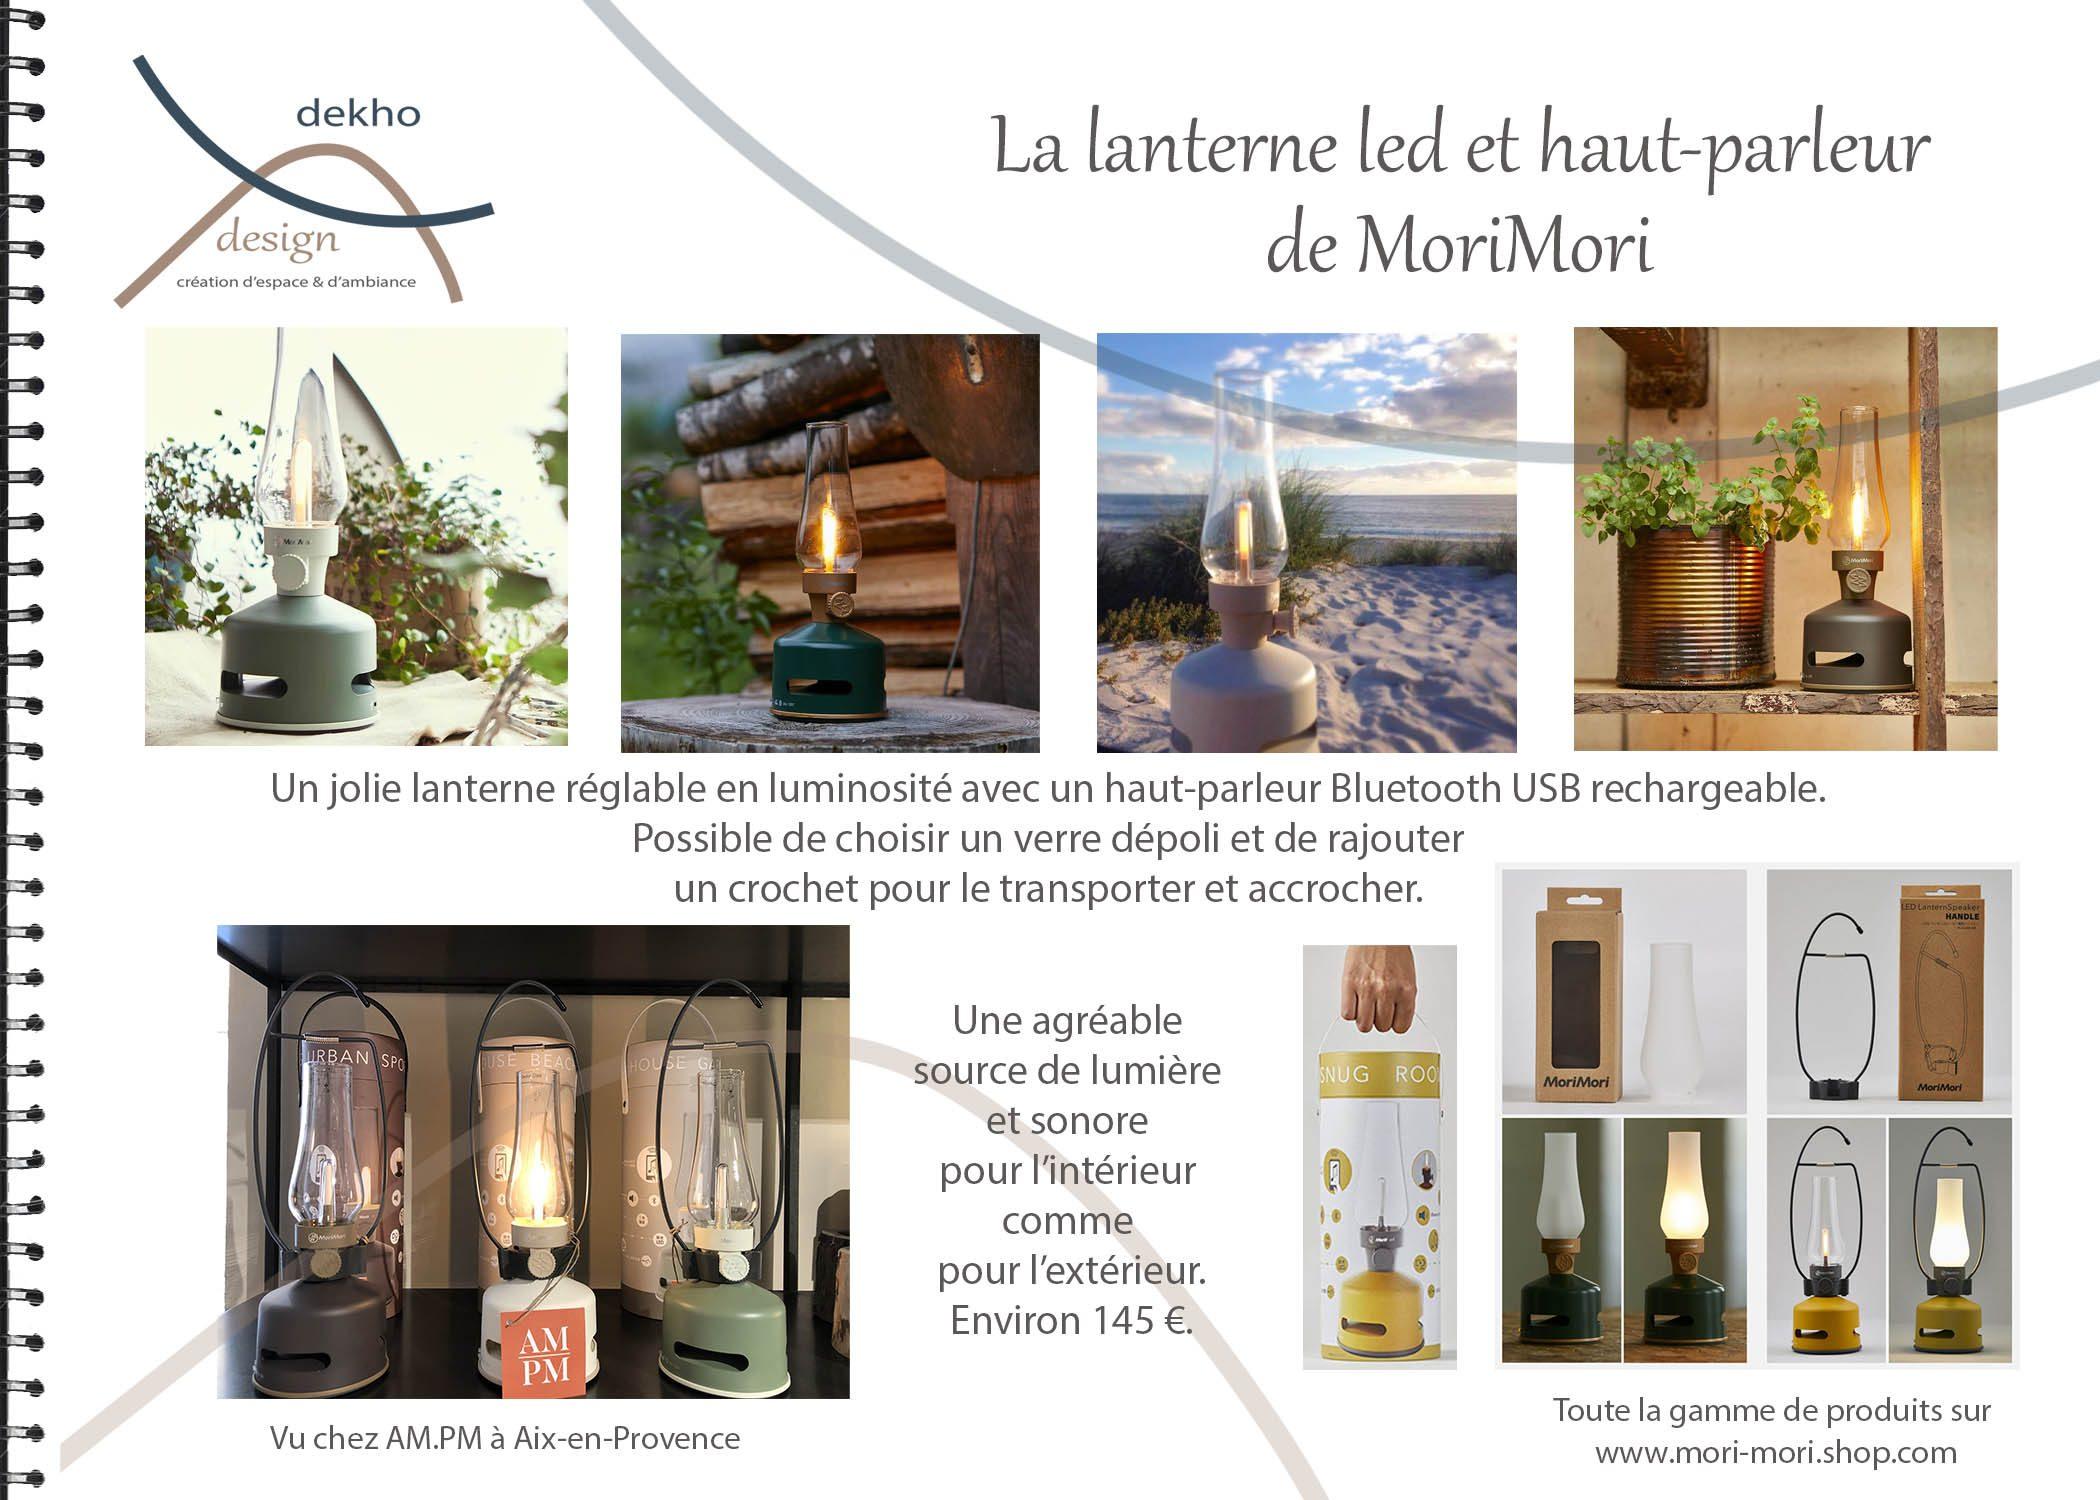 carnet d'intérieur-idées cadeaux-sélection morimori ampm-conseils-dekho design